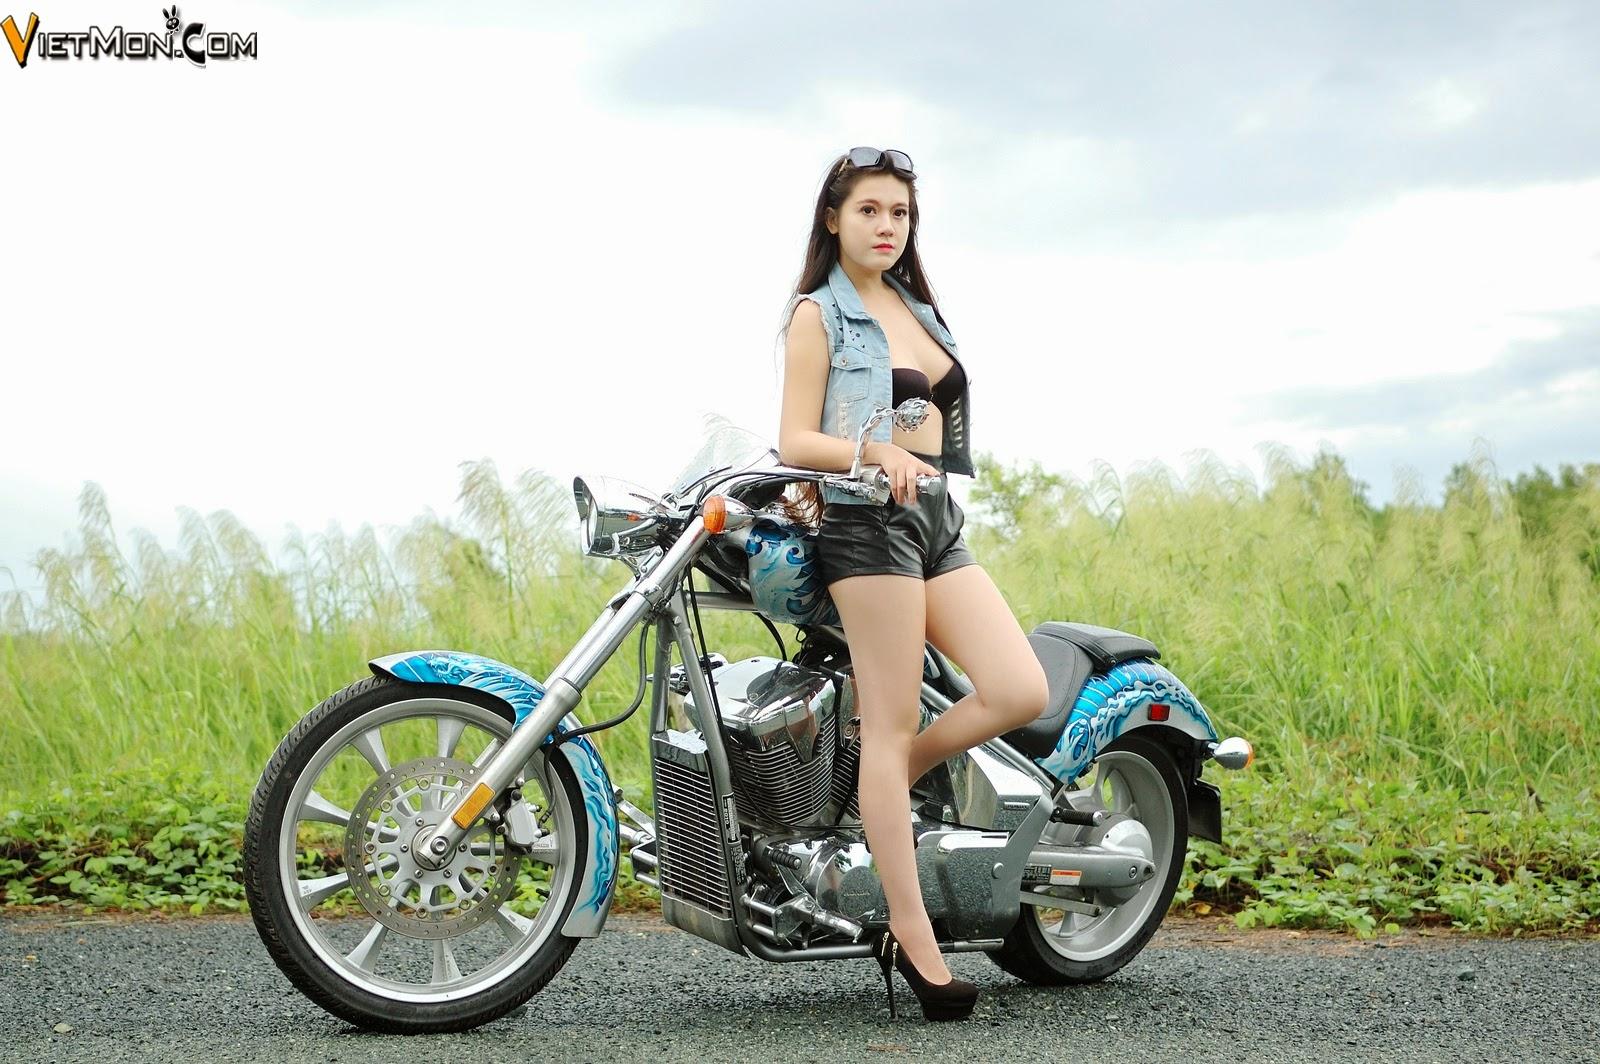 Hinh girx xinh sexy bên môtô cực khủng